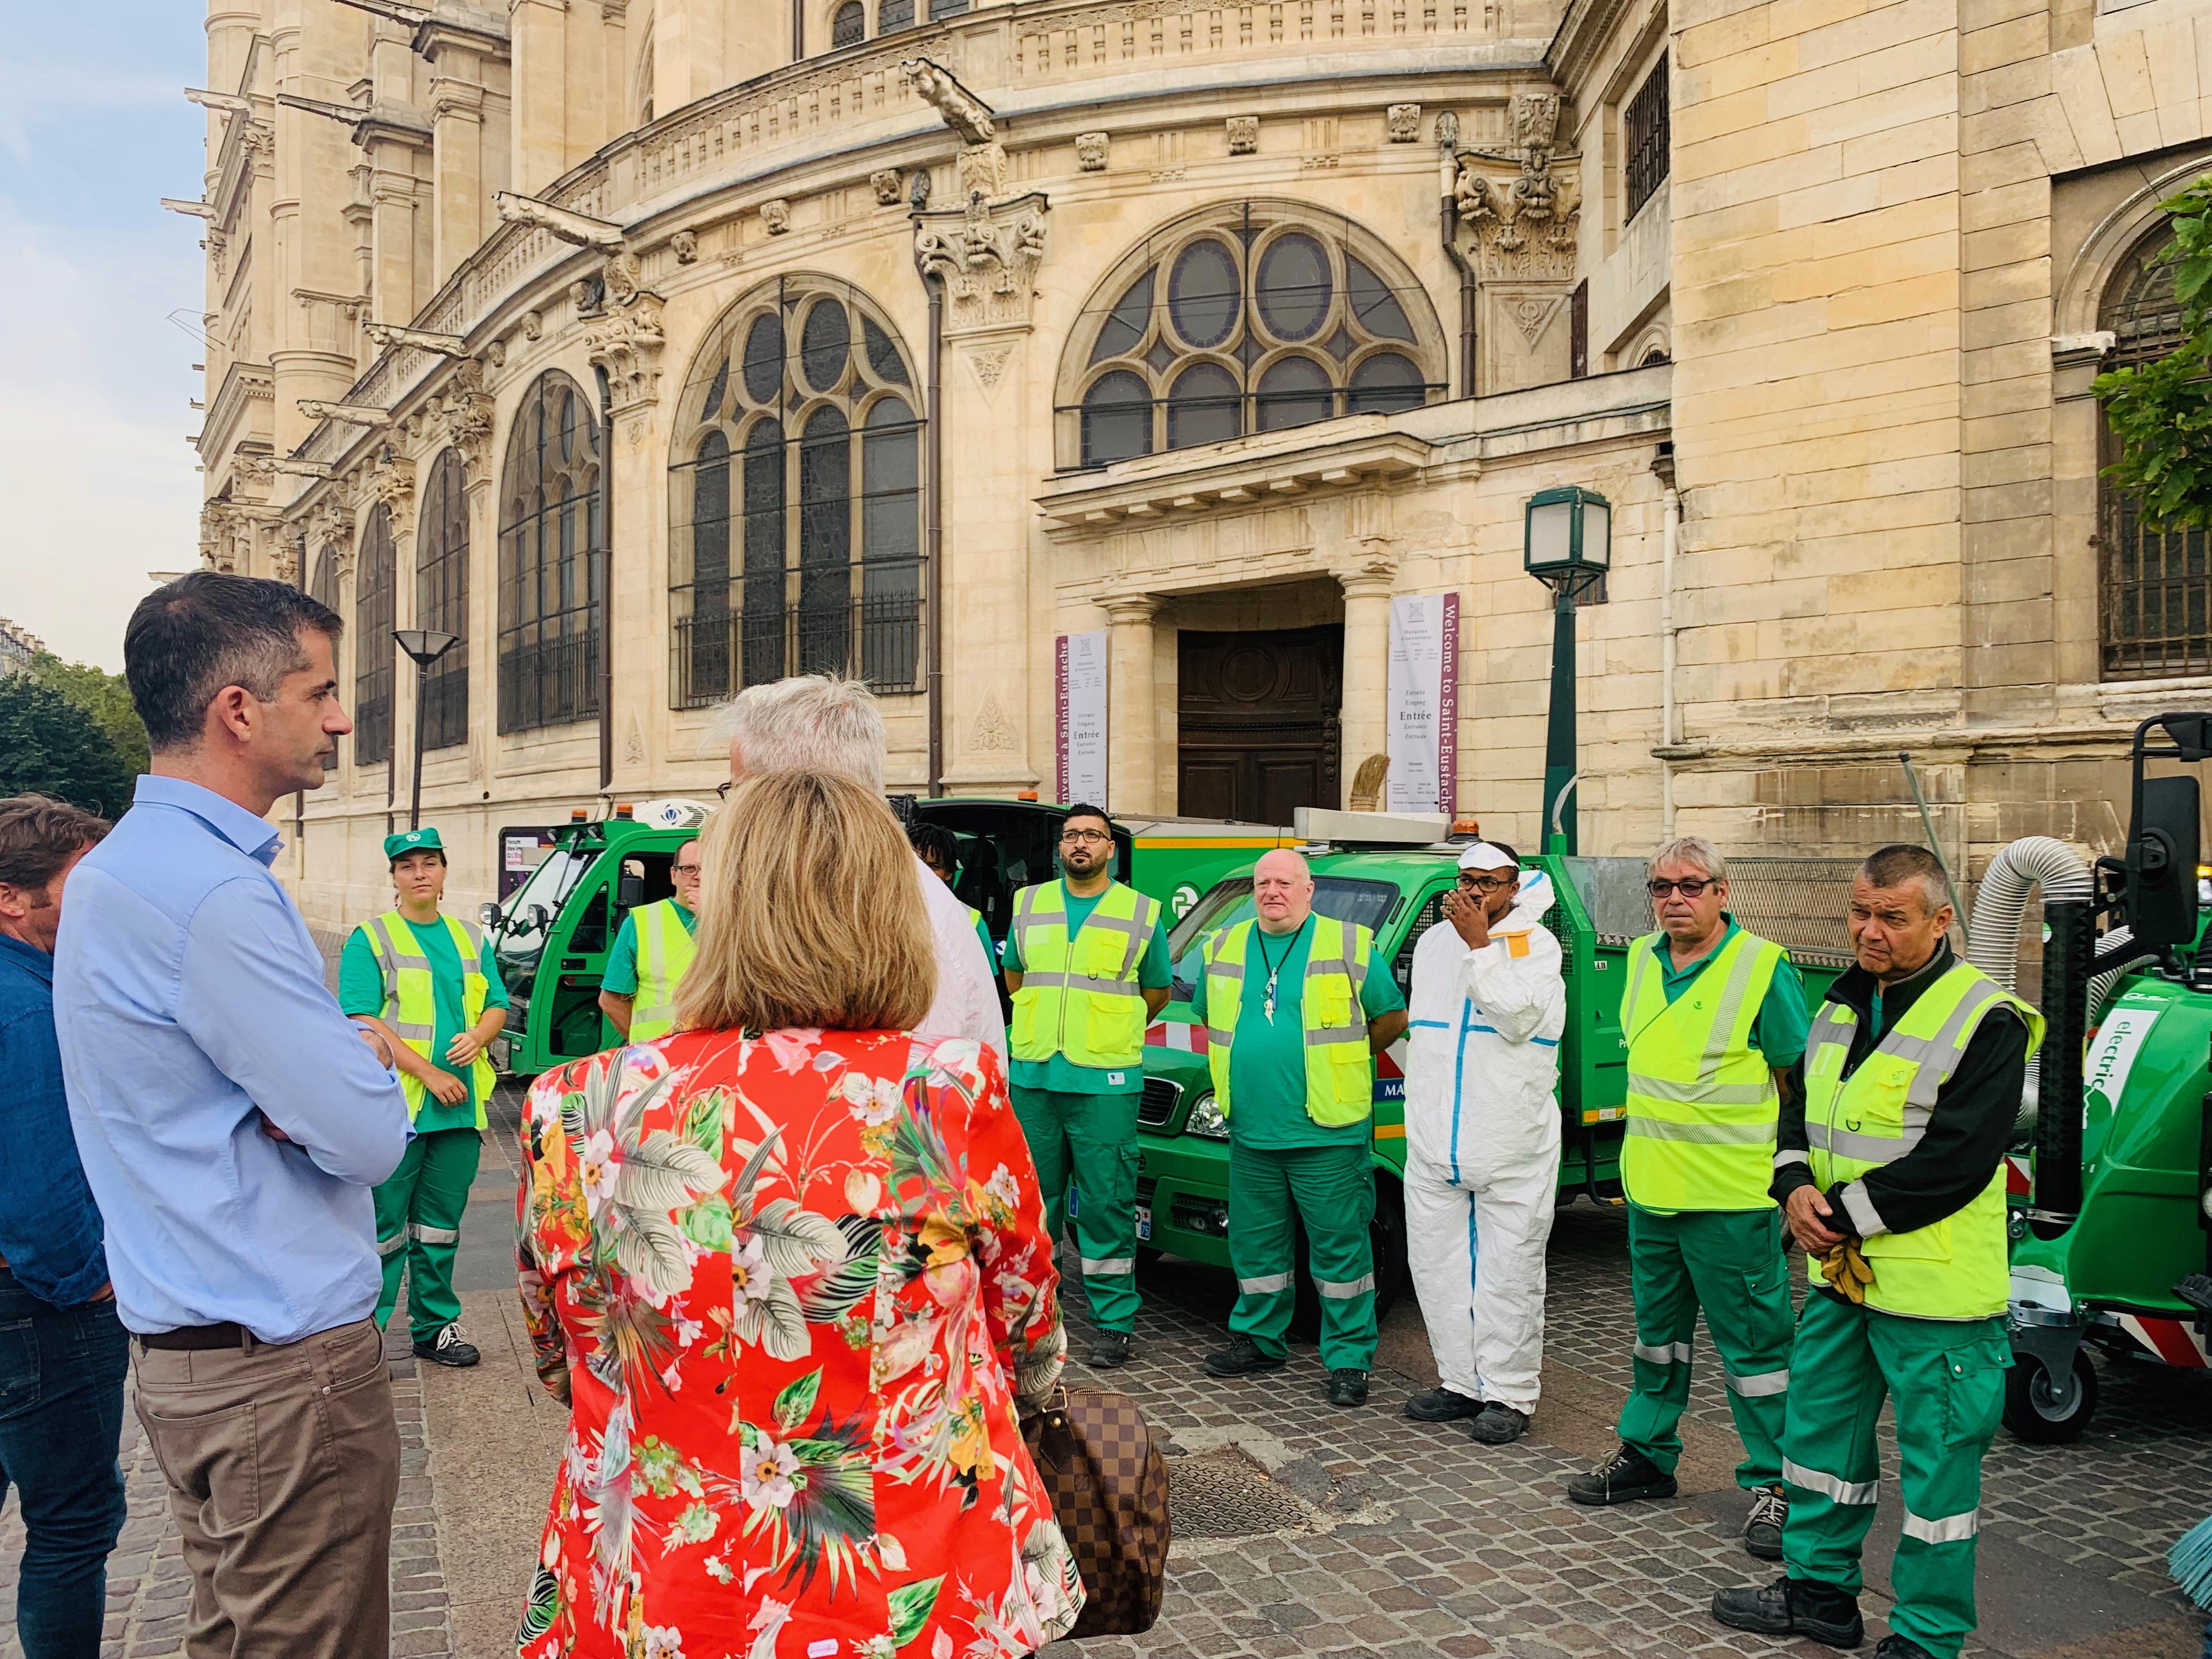 Ο Κώστας Μπακογιάννης με τις υπηρεσίες καθαριότητας στο Παρίσι